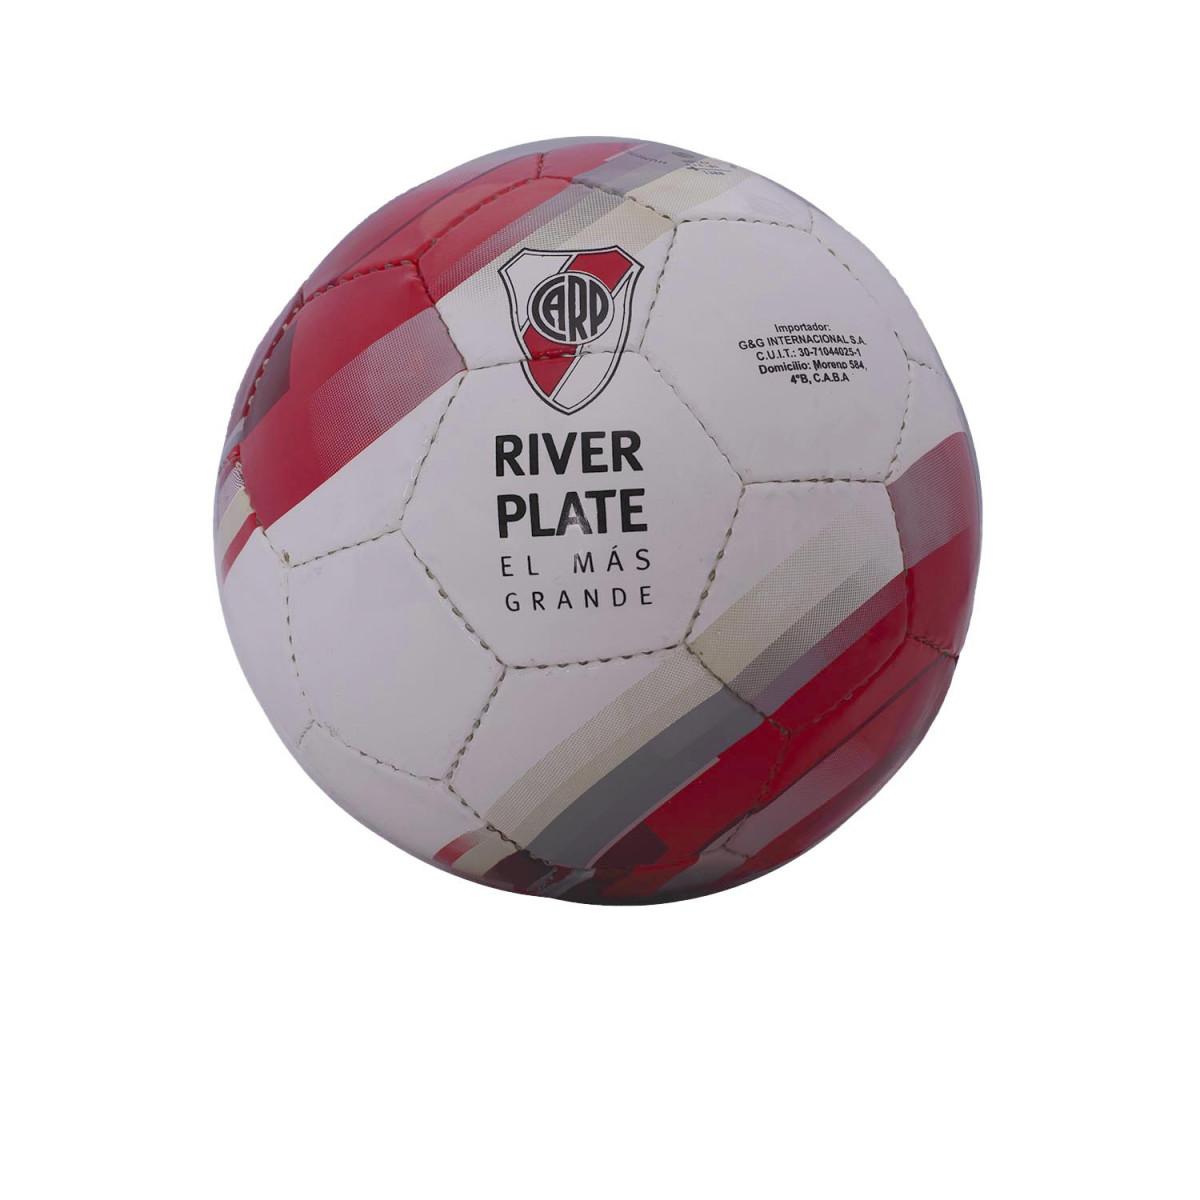 Pelota River Plate - Pelotas - Accesorios - Hombre 5ee57d8f8d7bd